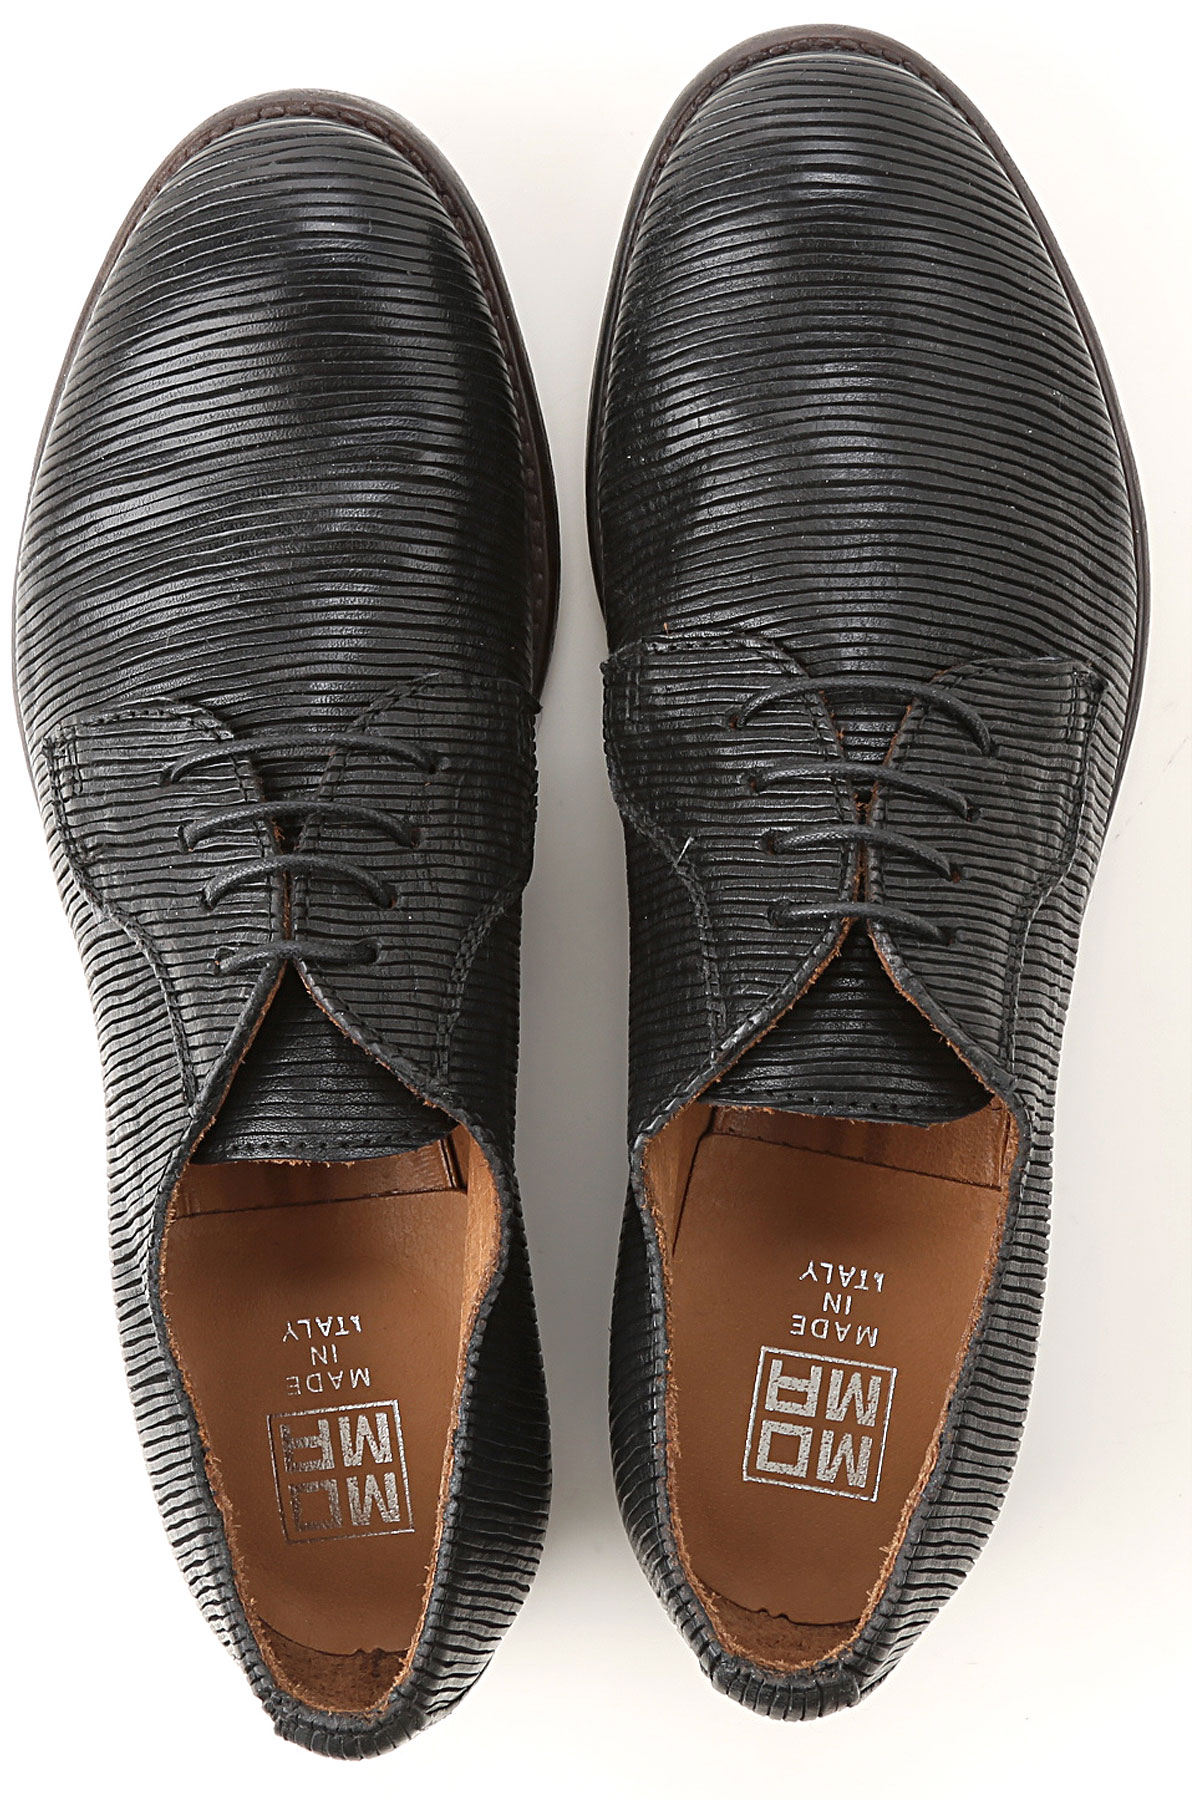 Moma Negro nbsp; verano Para 2019 Zapatos Mujer Primavera TAnwrqTSz